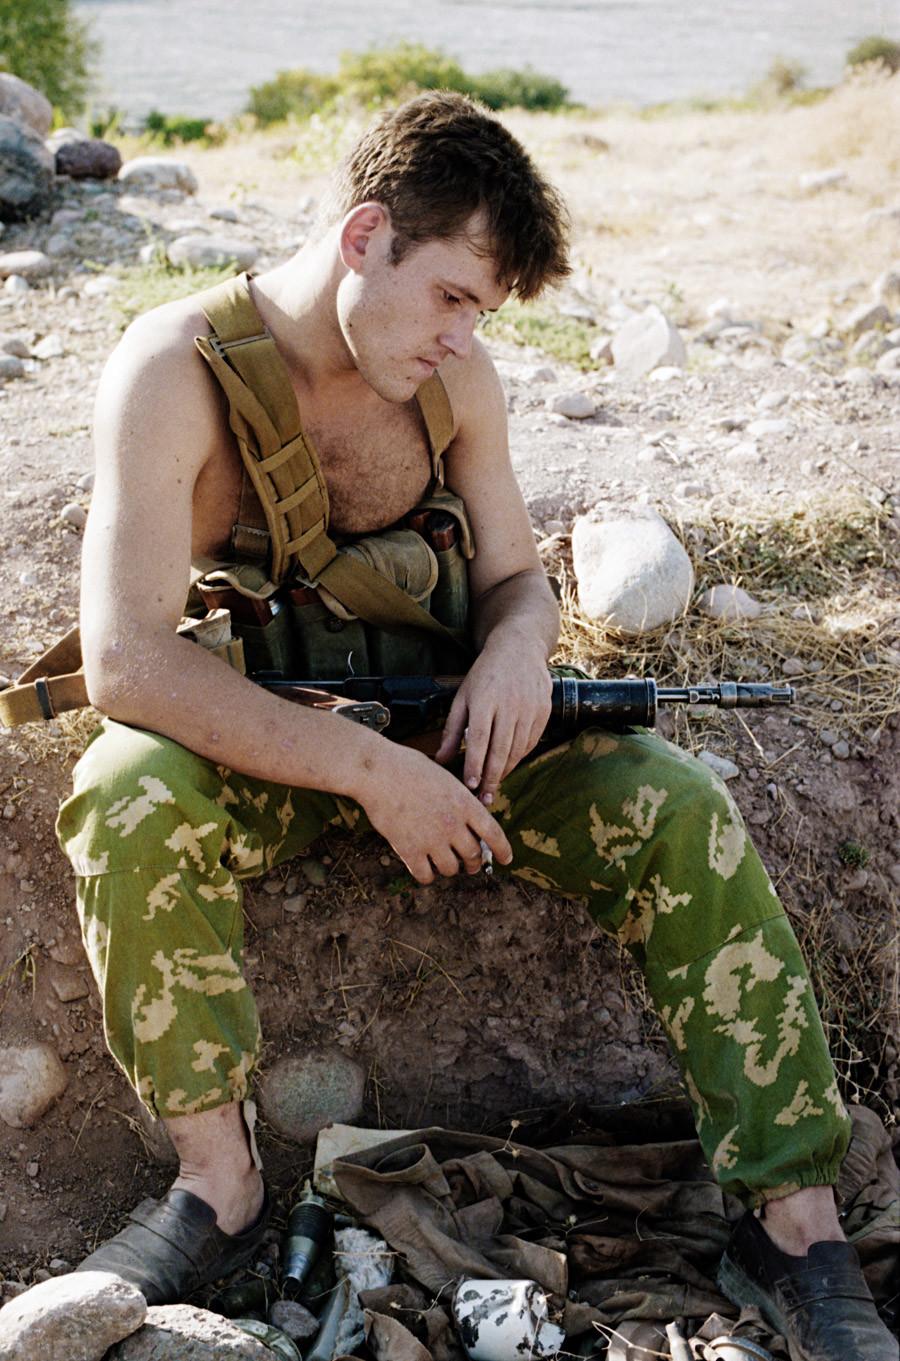 Un soldado ruso tras la batalla en la frontera tayiko-afgana. Tayikistán, el 1 de agosto de 1993